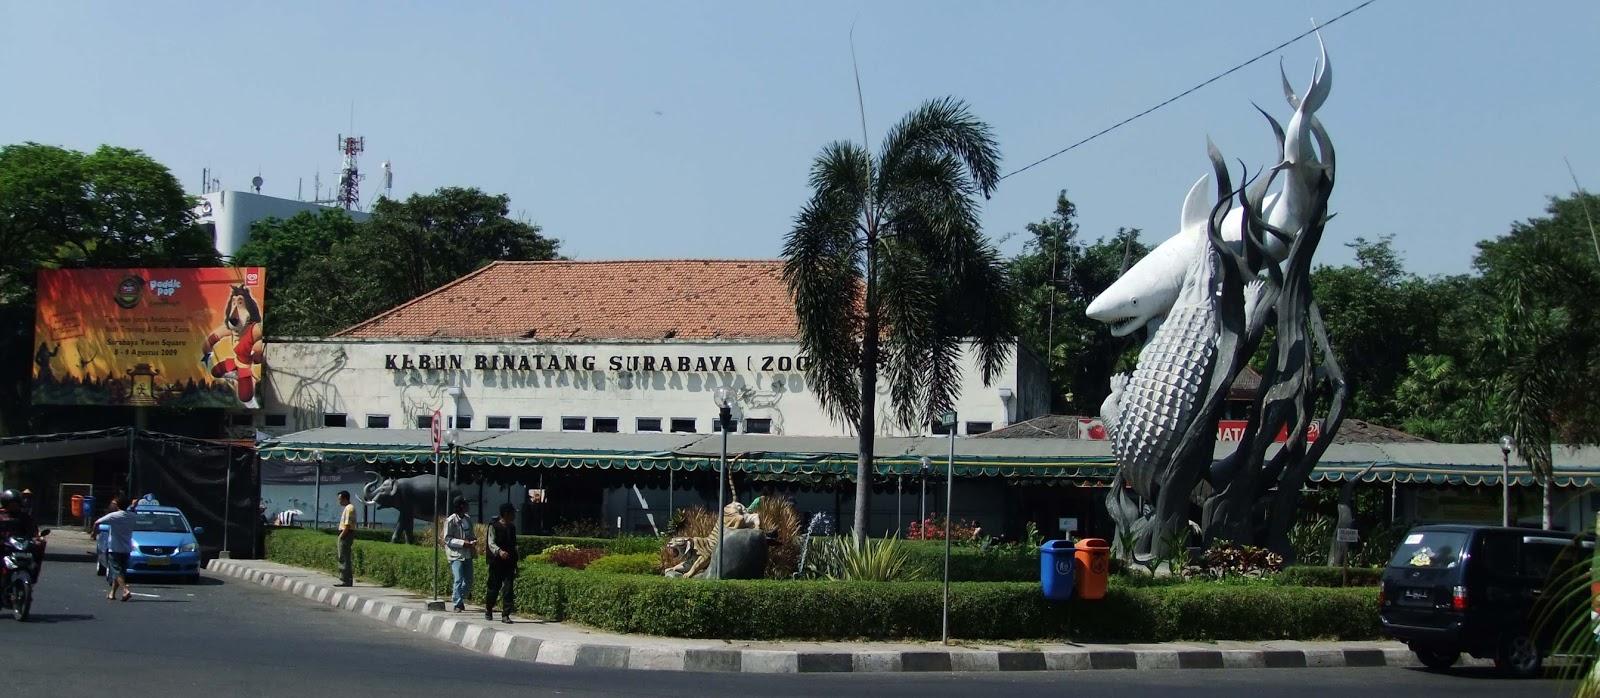 مدينة سورابايا الساحرة, إندونيسيا